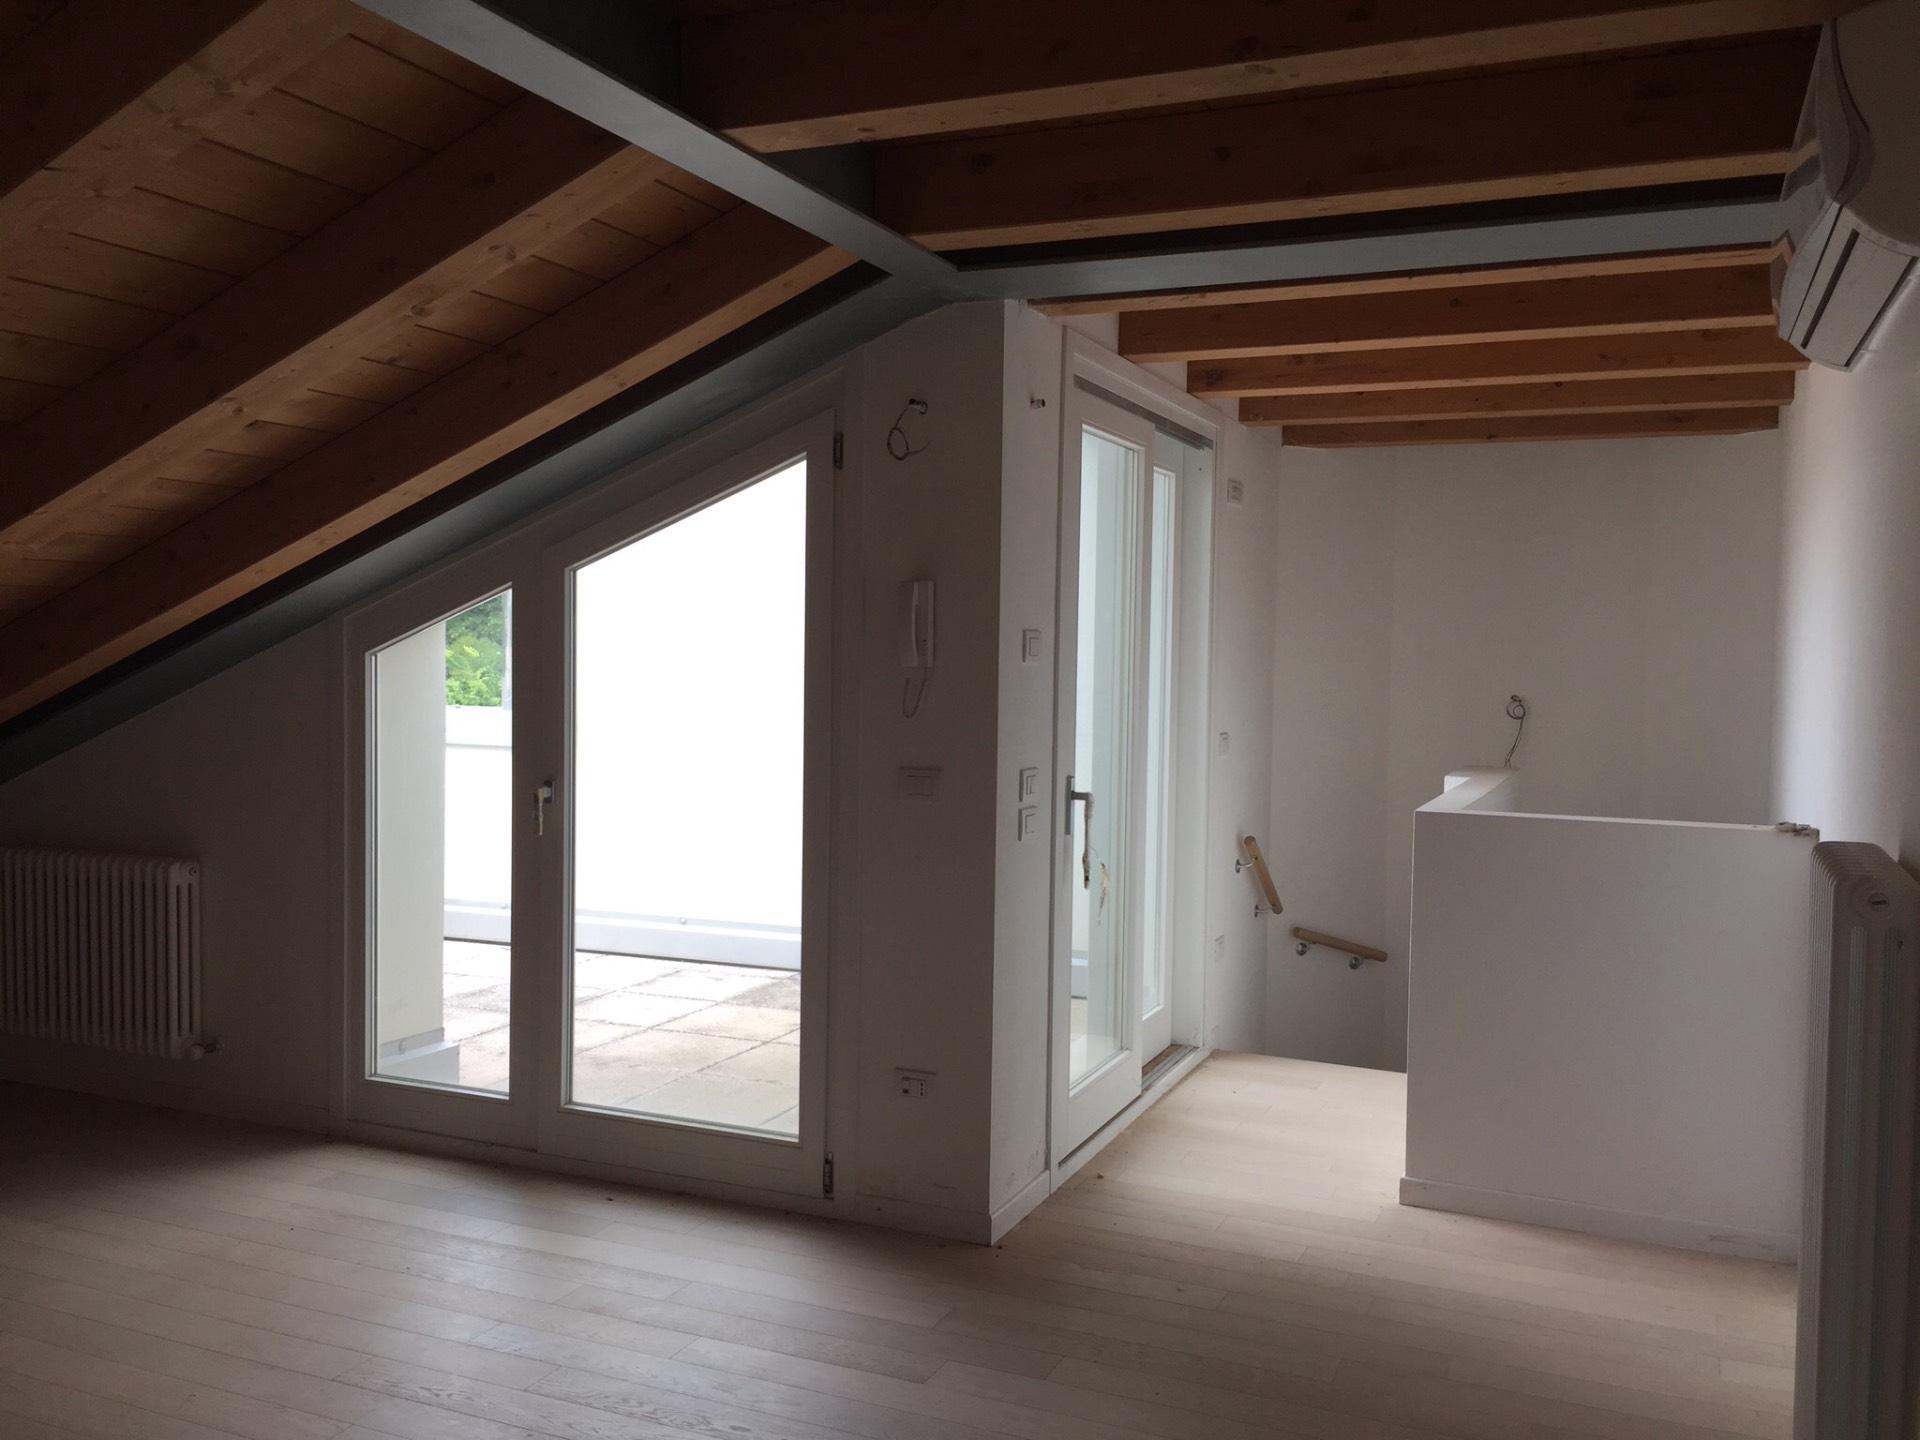 Appartamento in vendita a Villorba, 6 locali, zona Zona: Fontane, prezzo € 284.000 | Cambio Casa.it